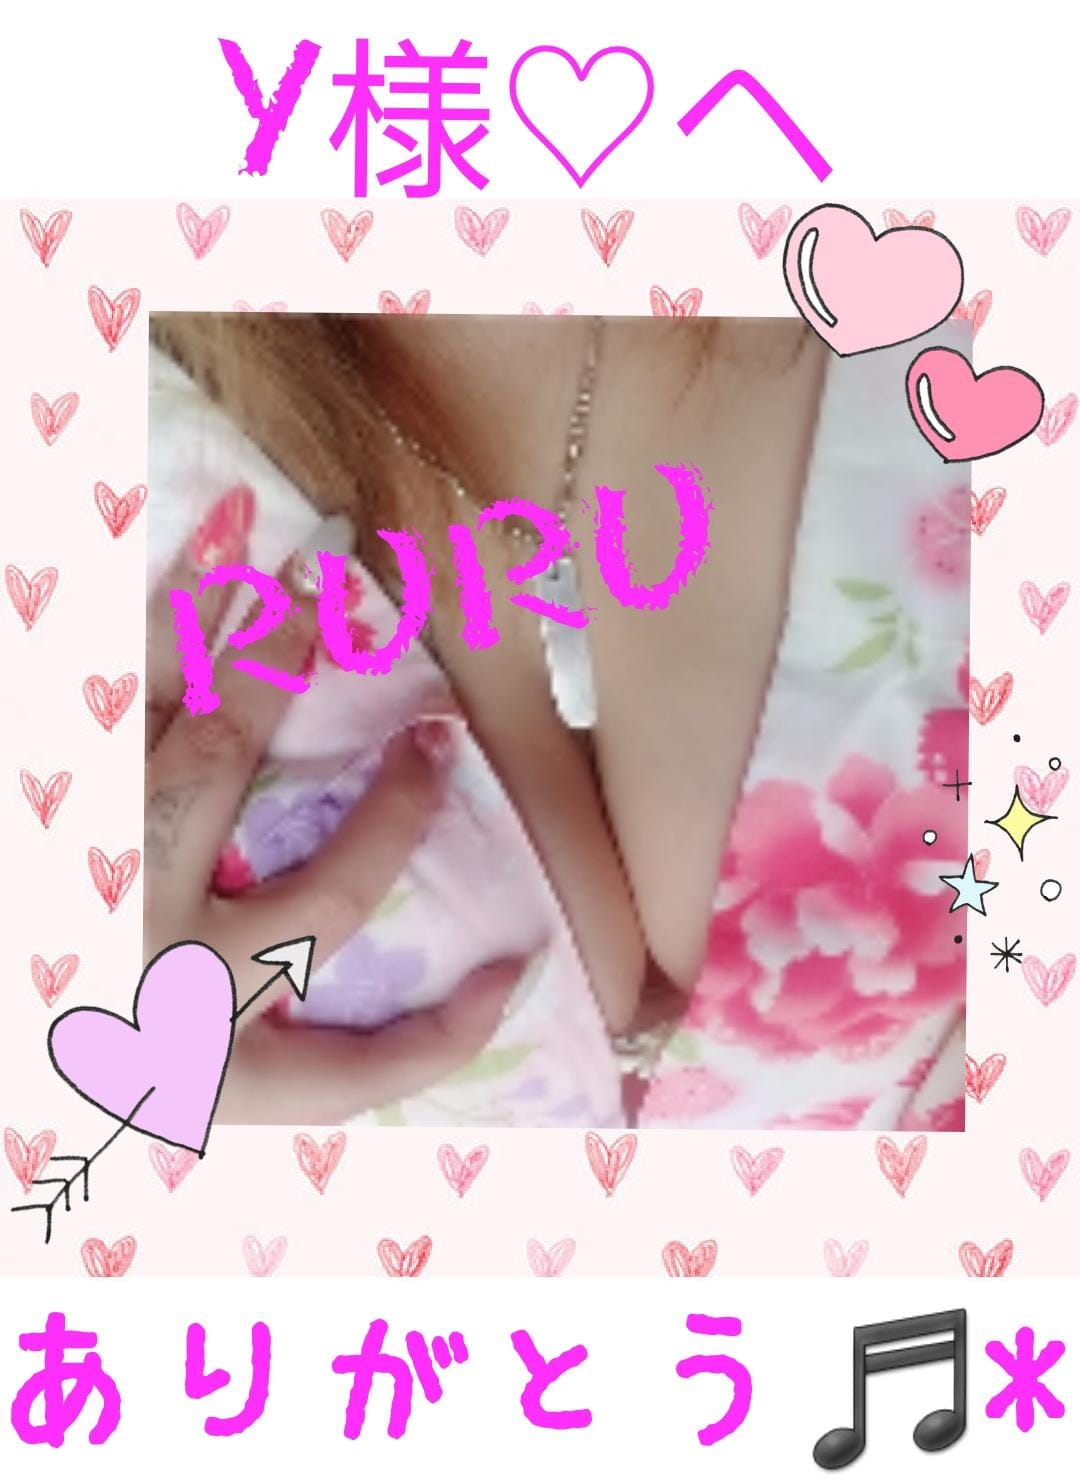 「偶然」08/20(月) 14:42 | ルルの写メ・風俗動画